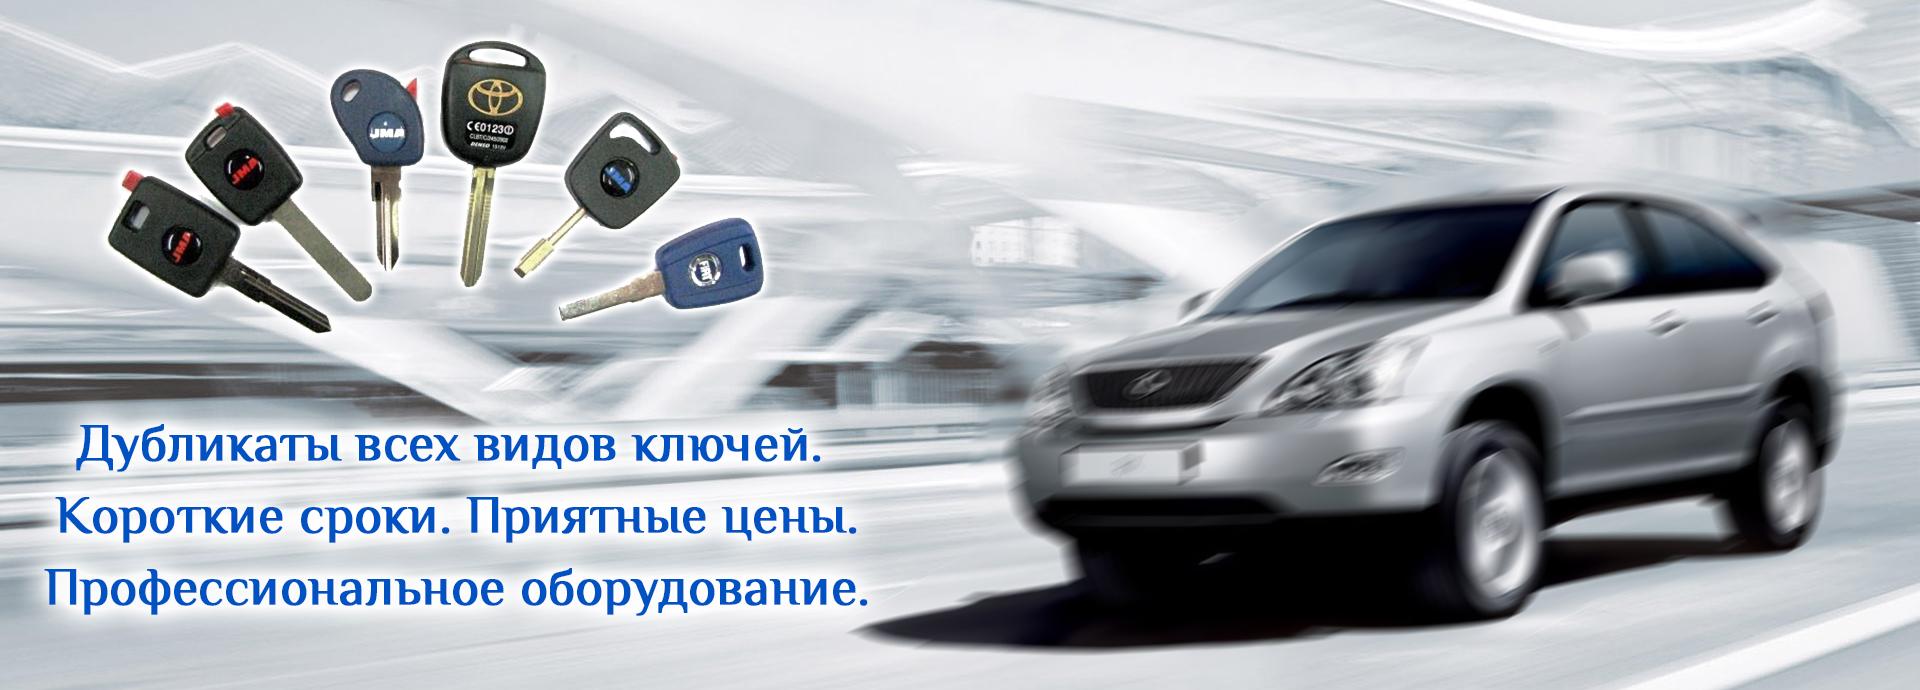 Автоключи купить Севастополь